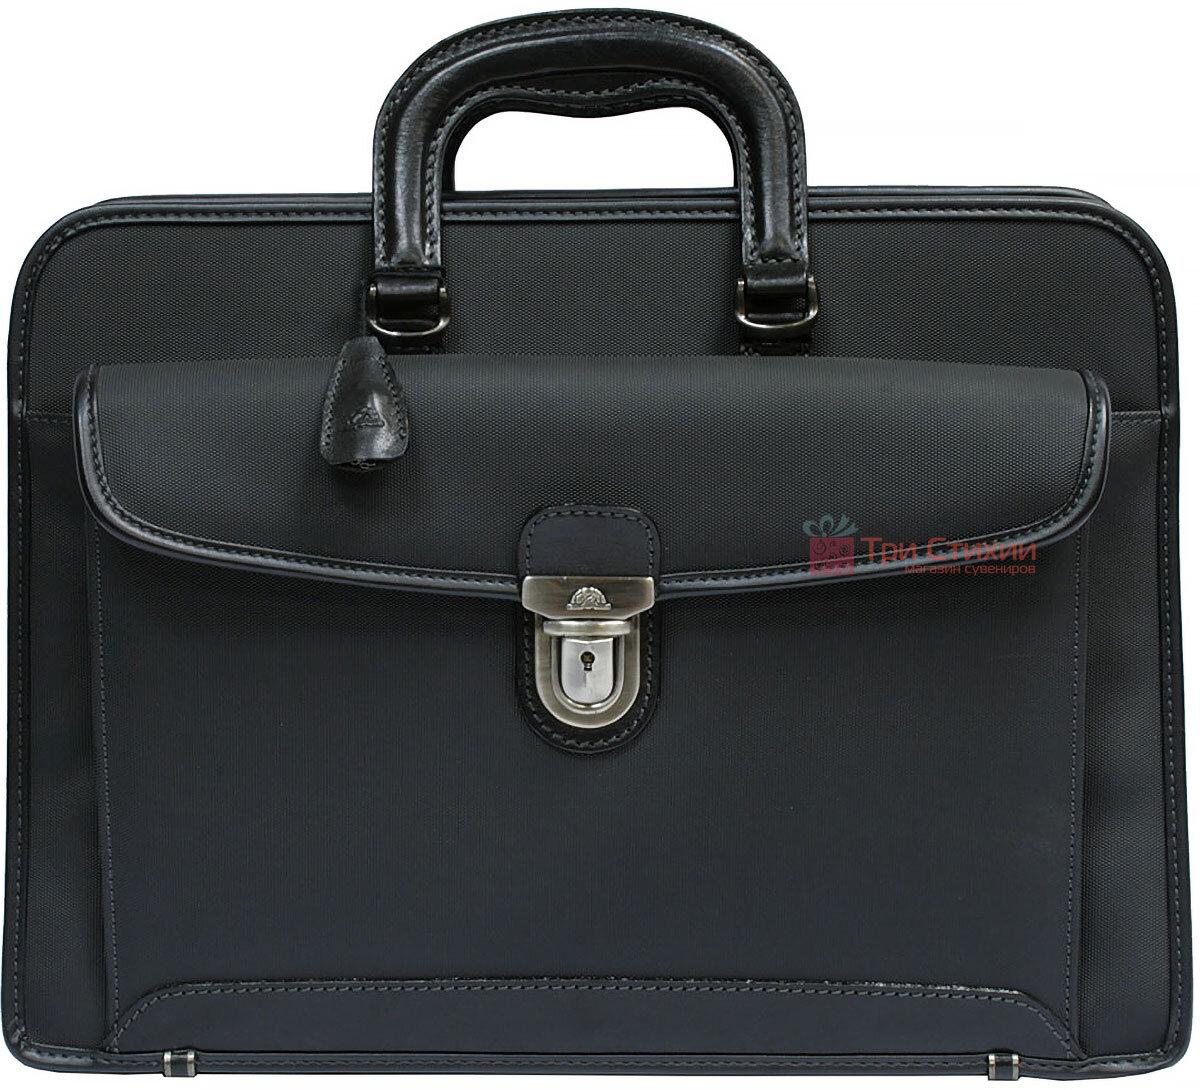 Портфель Tony Perotti Cartelle Supreme 8578 nero Черный, фото 2